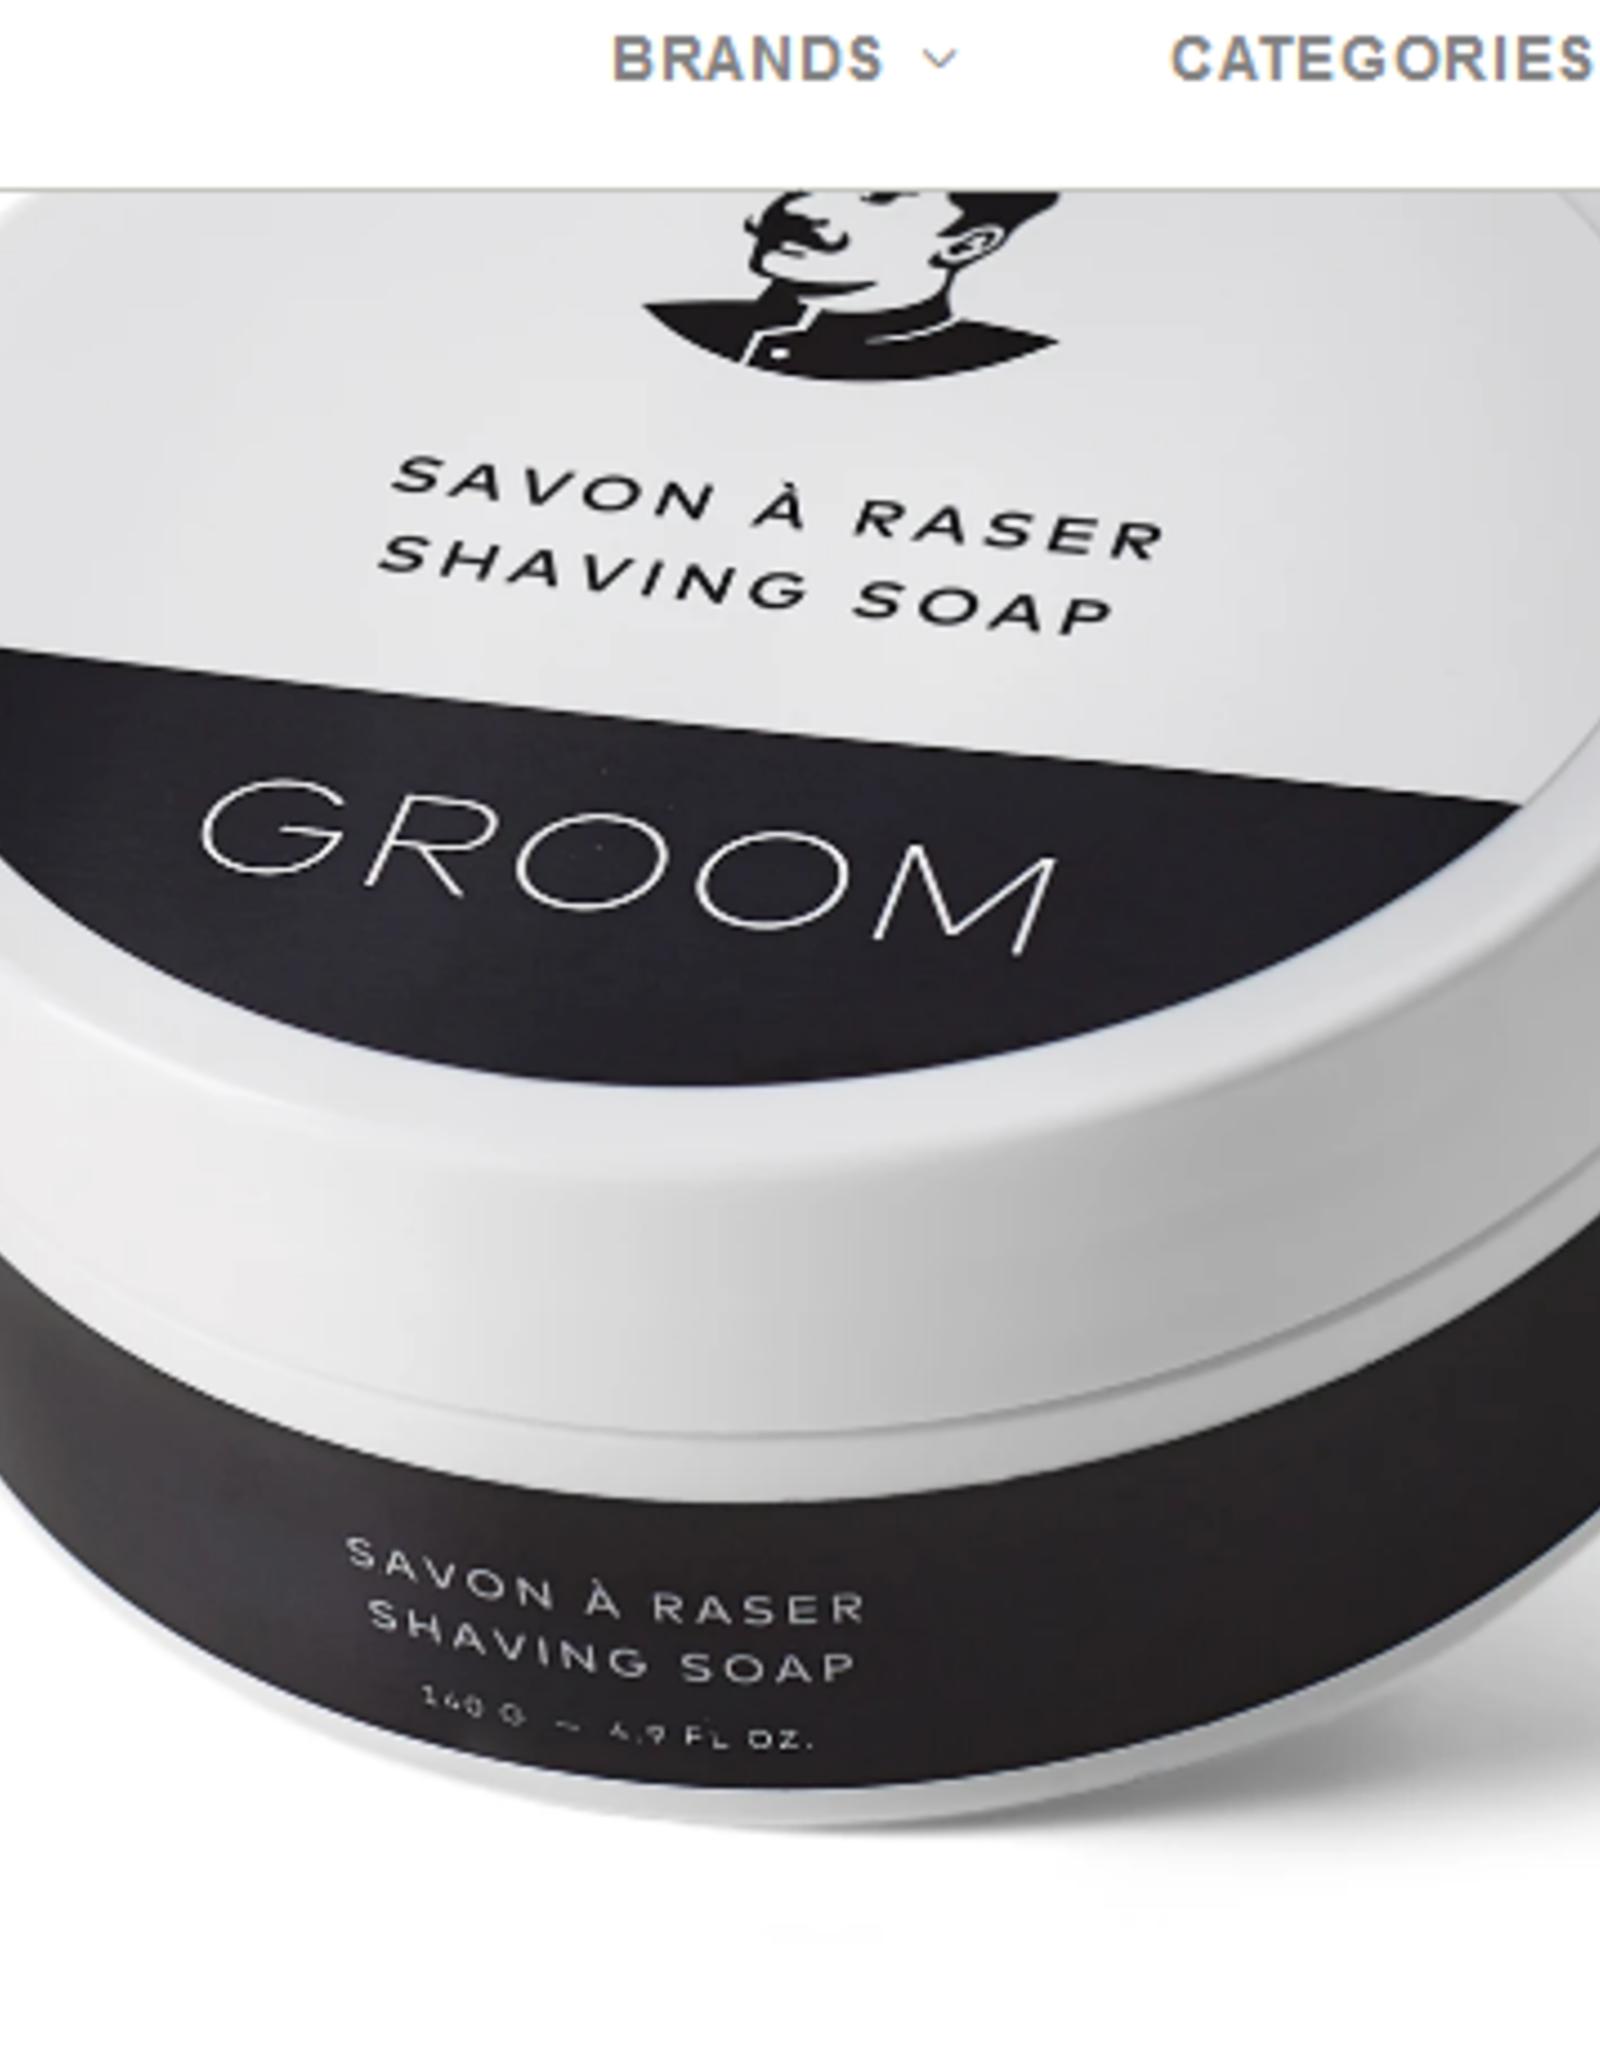 Groom Shaving Soap